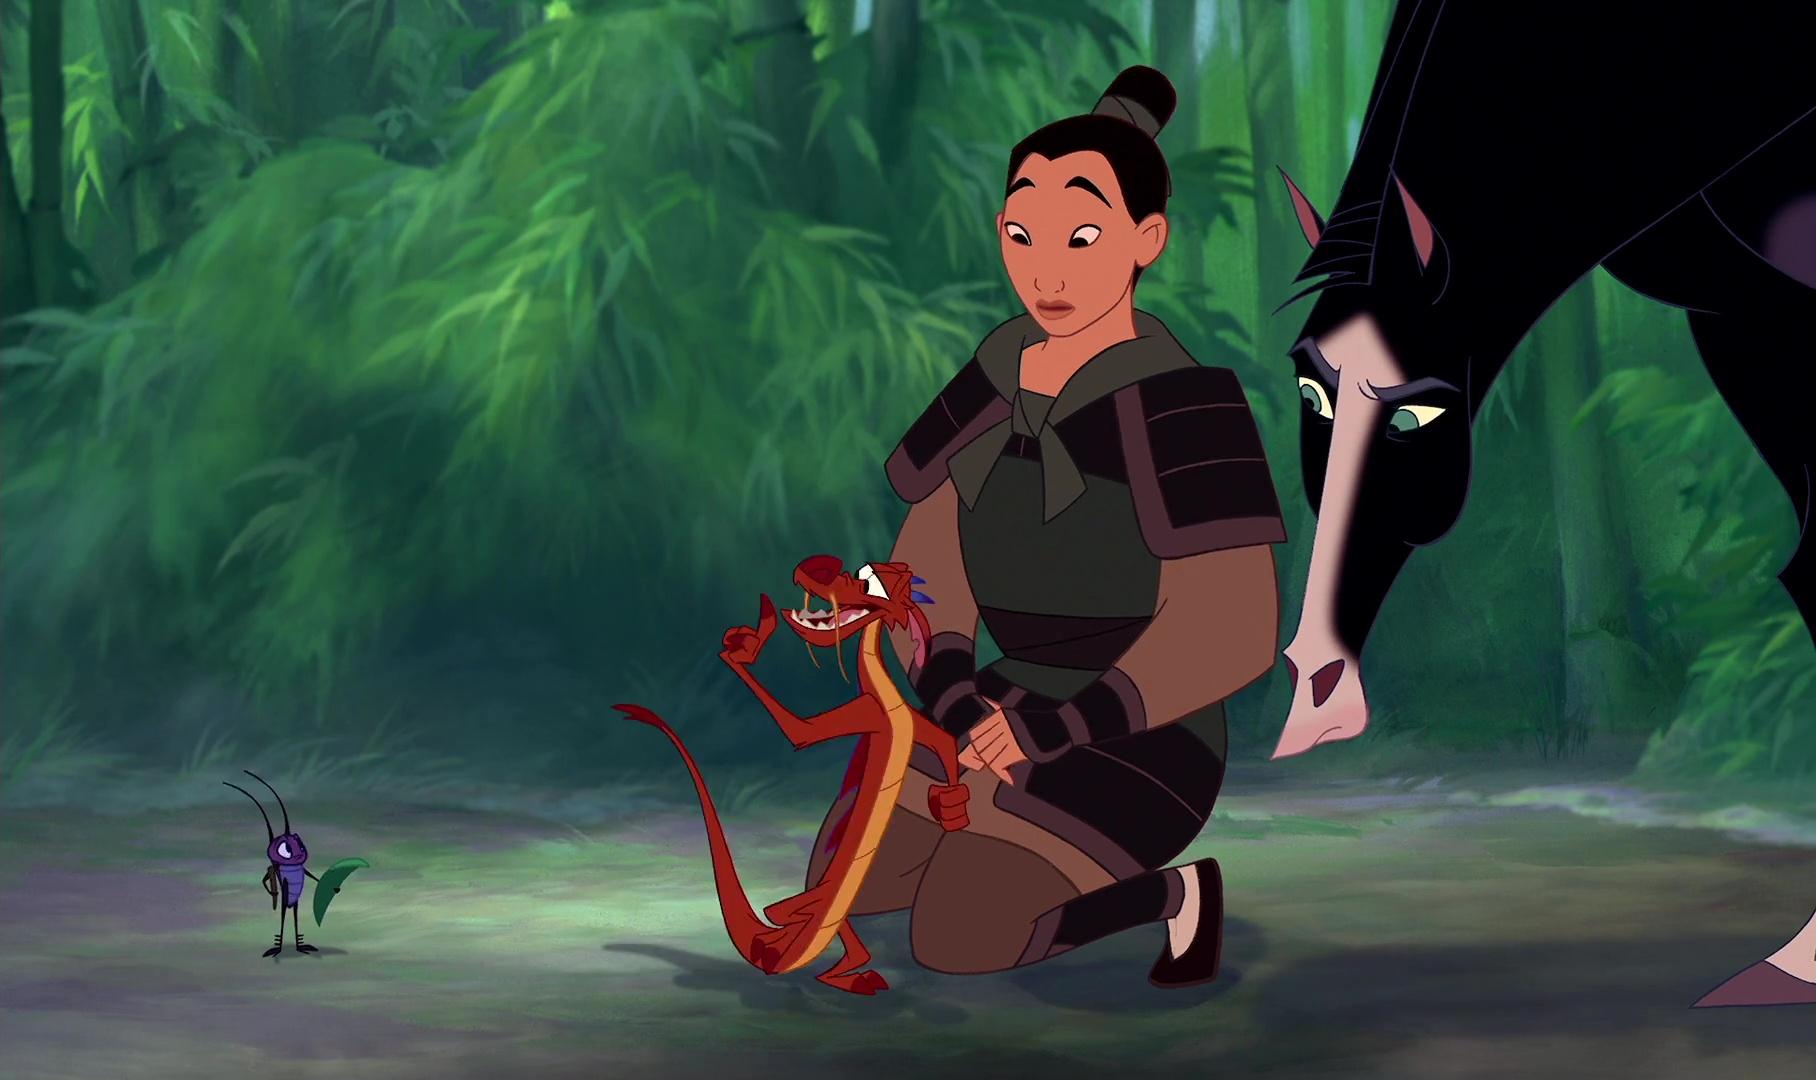 matchmaker from mulan. Mulan - Disney Wiki